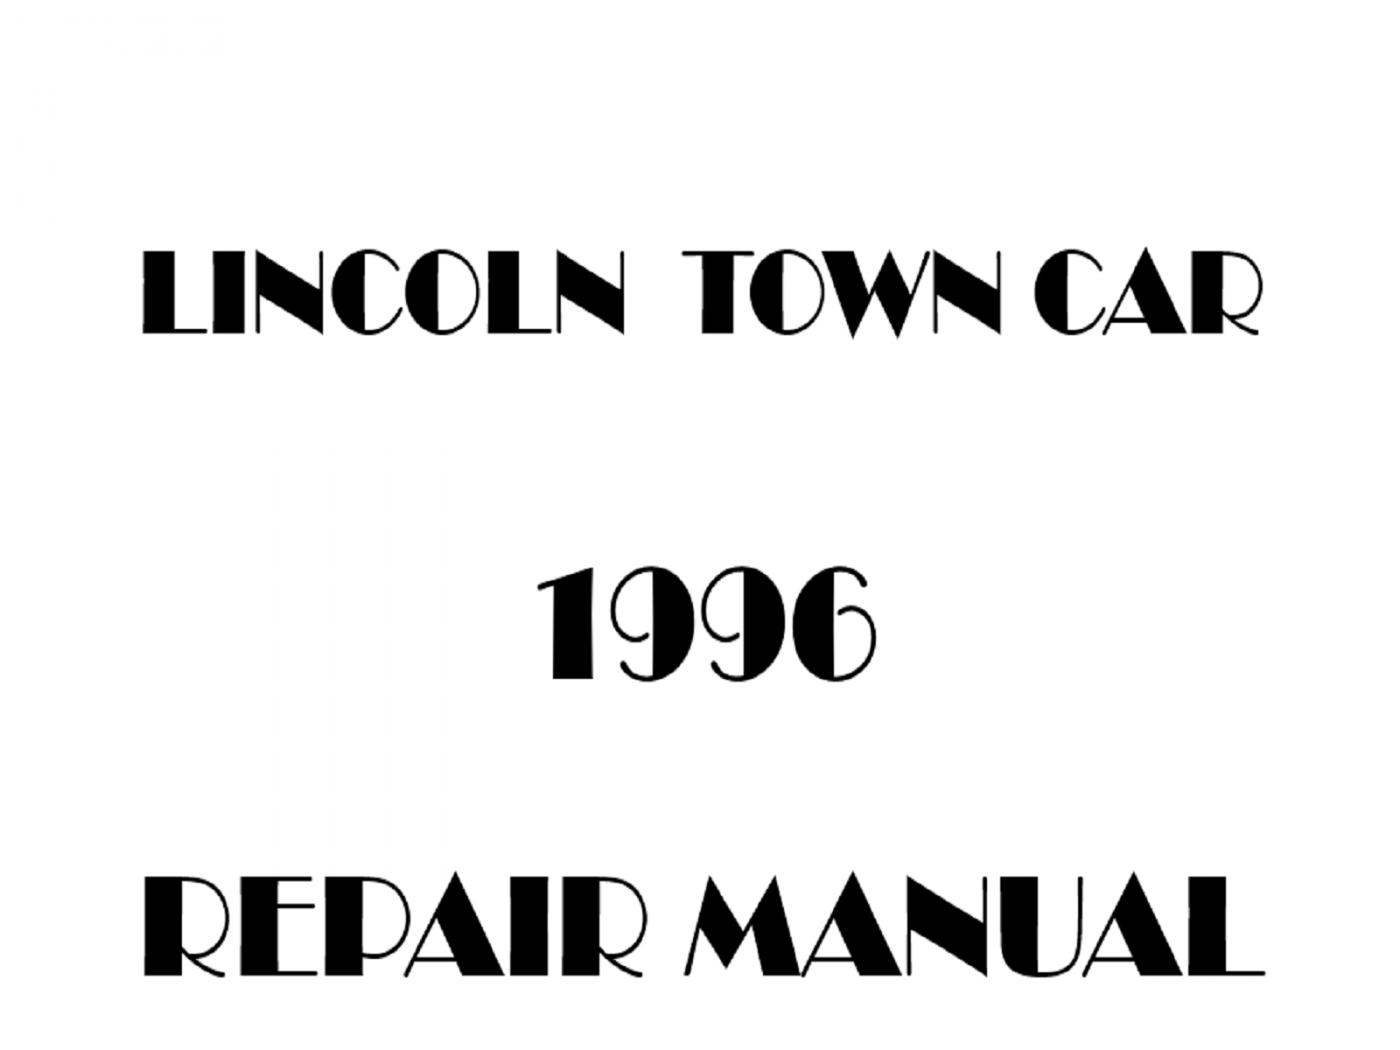 1996 Lincoln Town Car repair manual